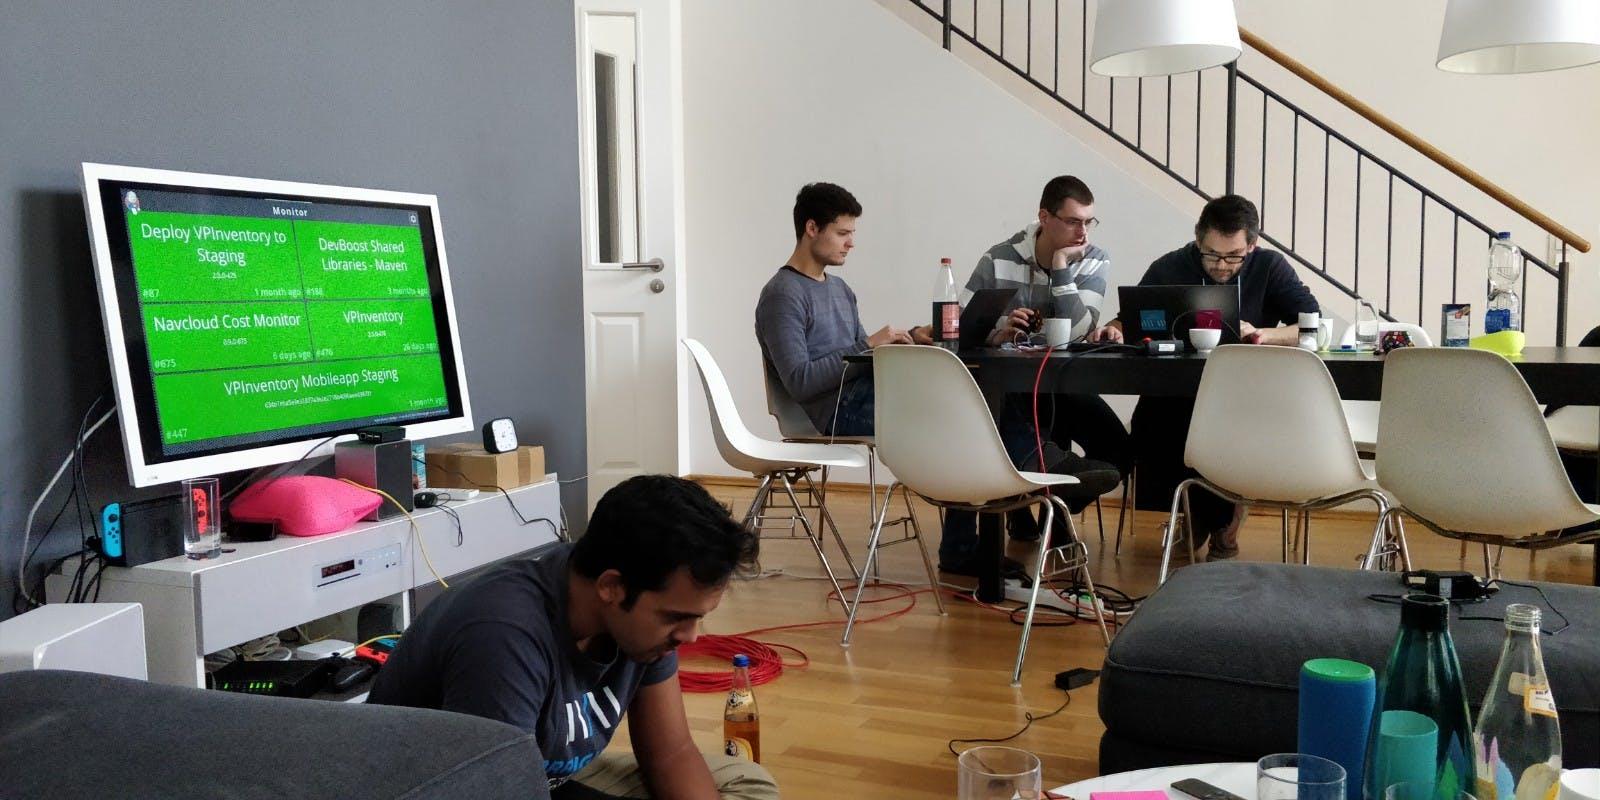 Das DevBoost Team im DevCamp